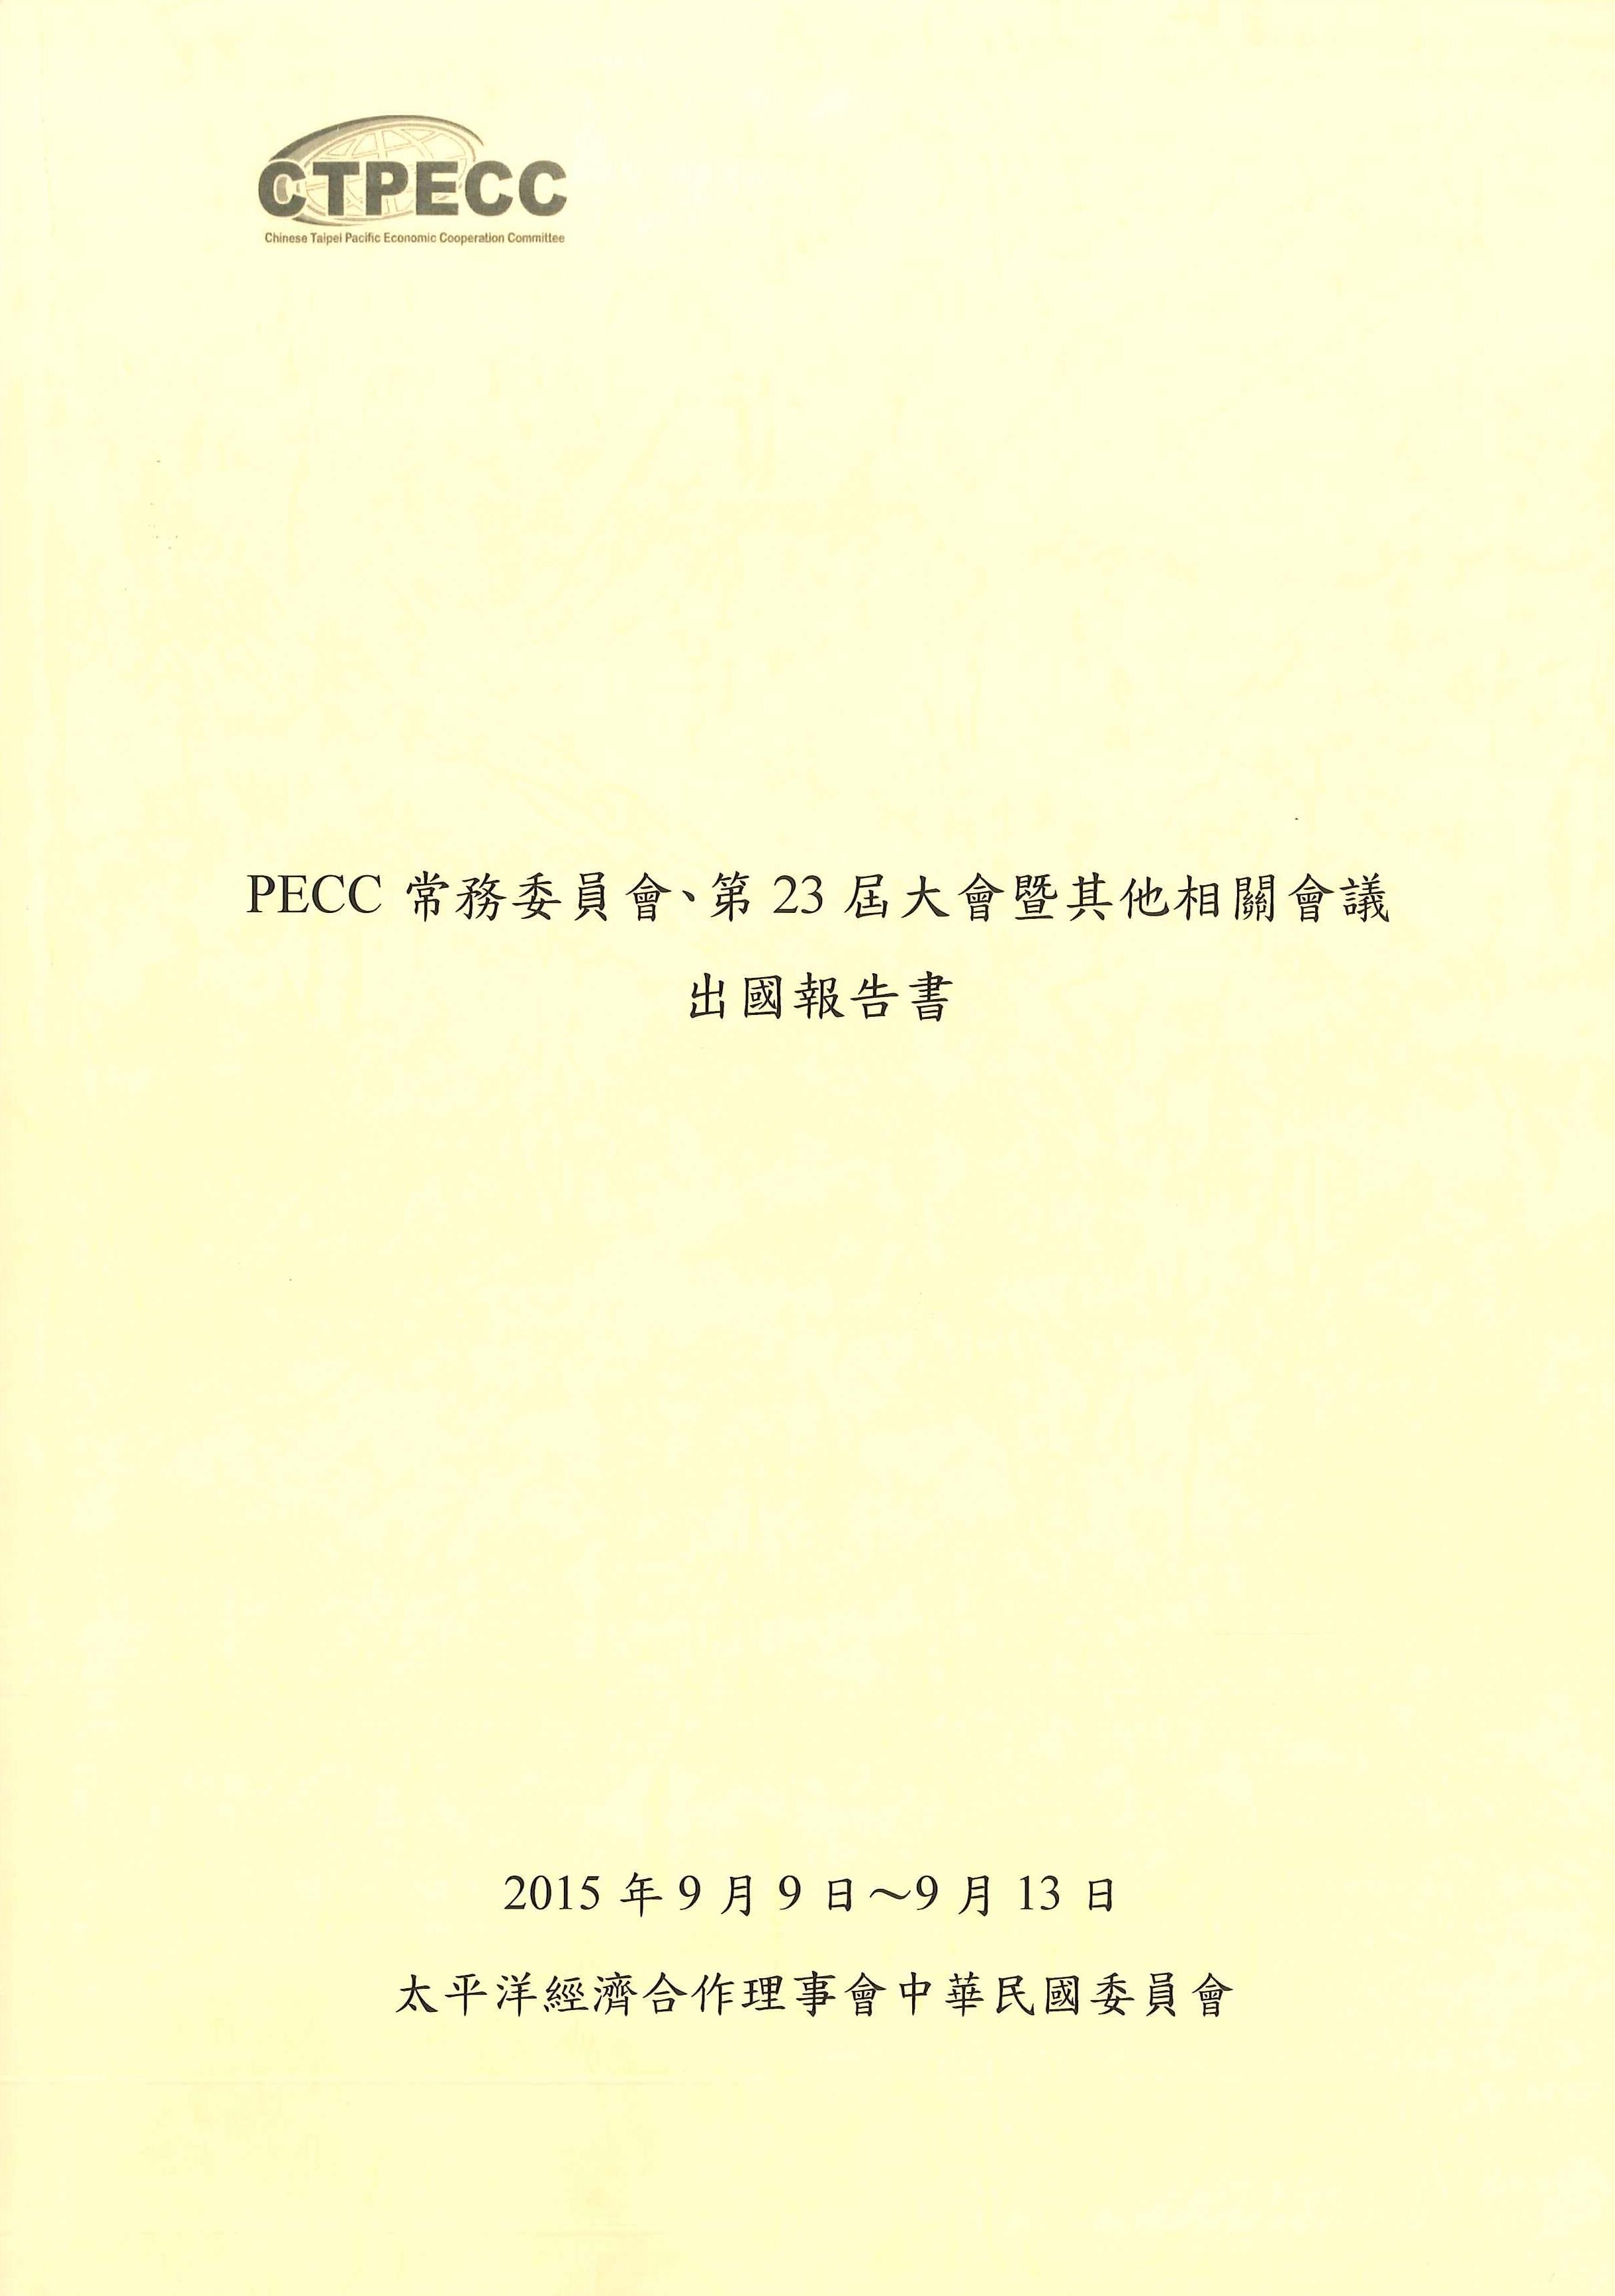 PECC常務委員會、第23屆大會暨其他相關會議出國報告書